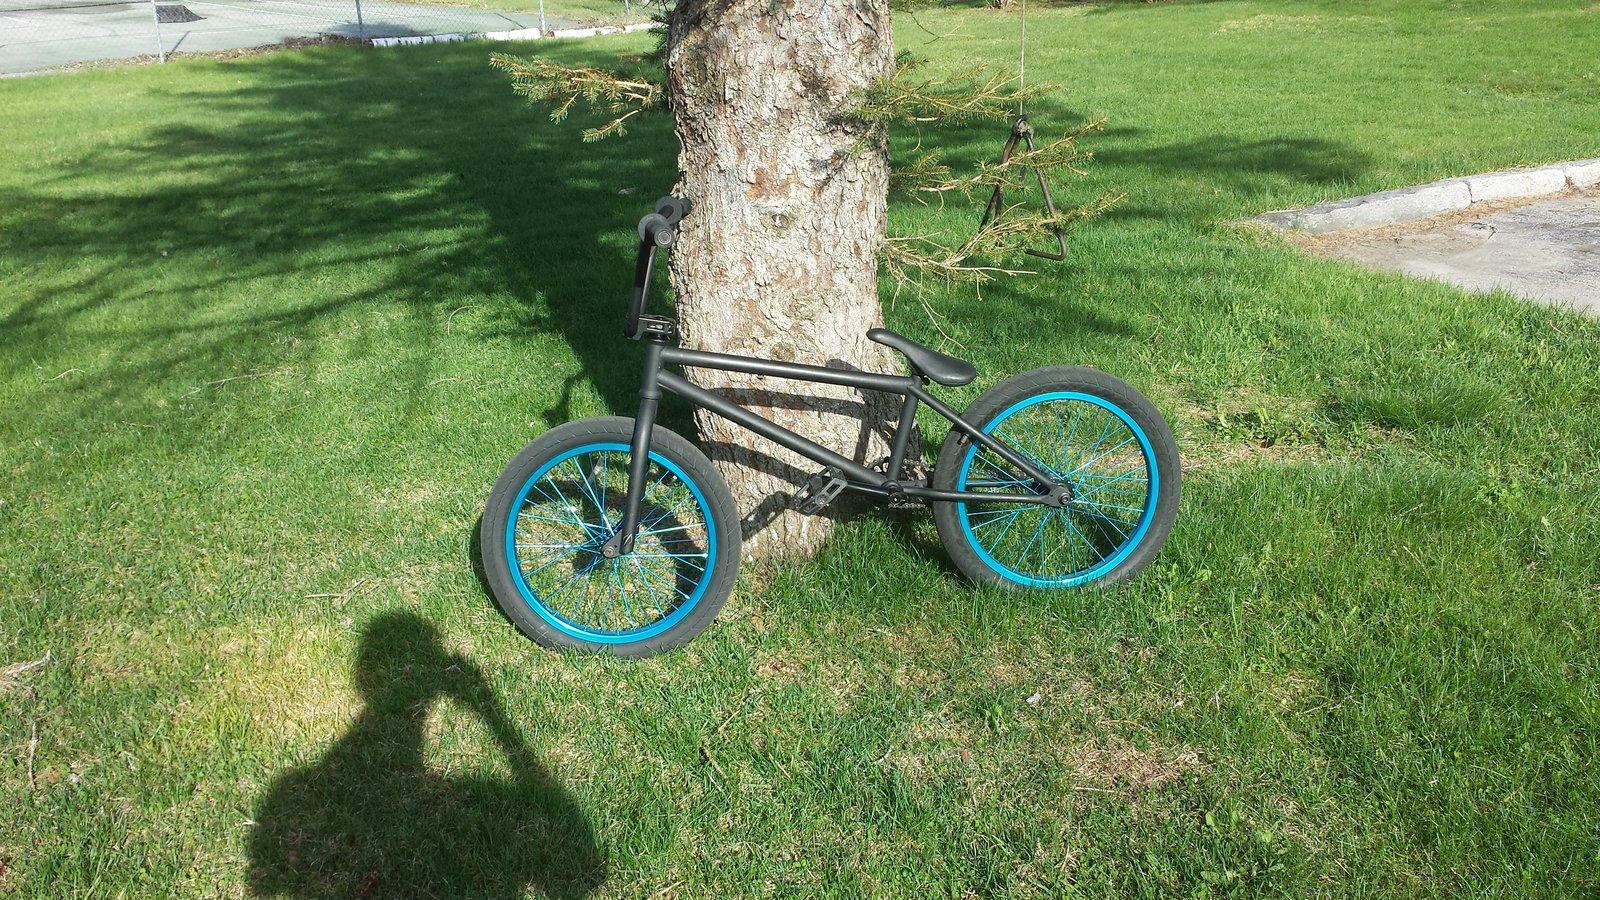 yo its my bike